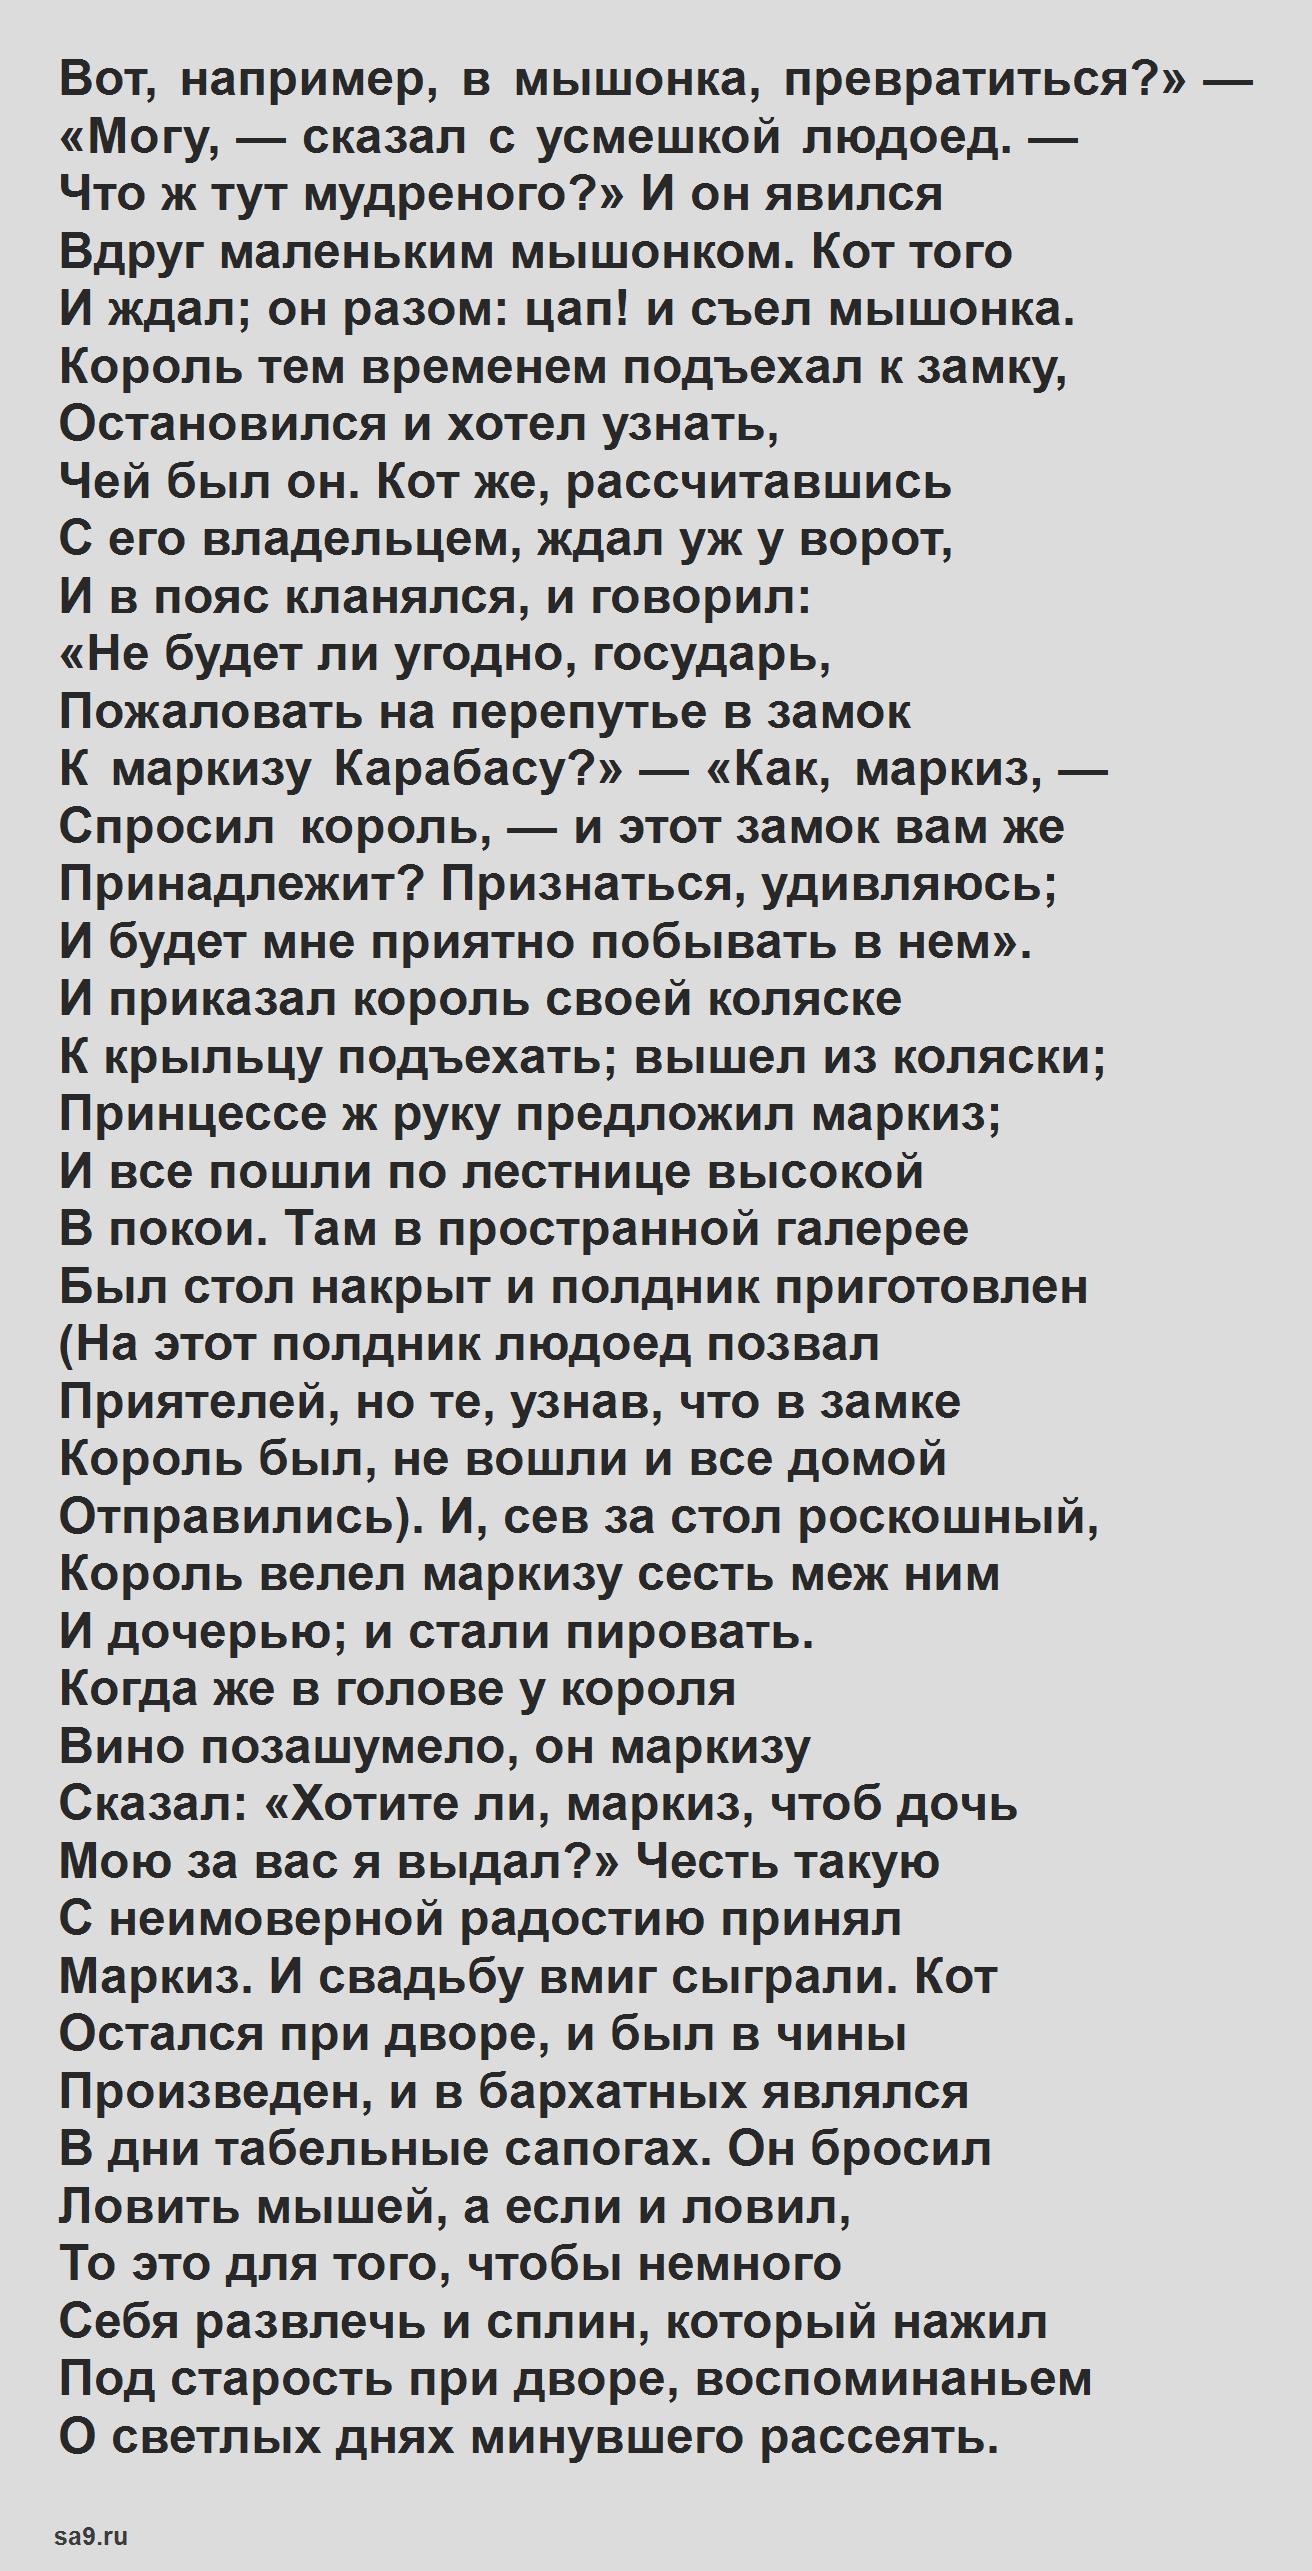 Сказка Жуковского 'Кот в сапогах', полностью